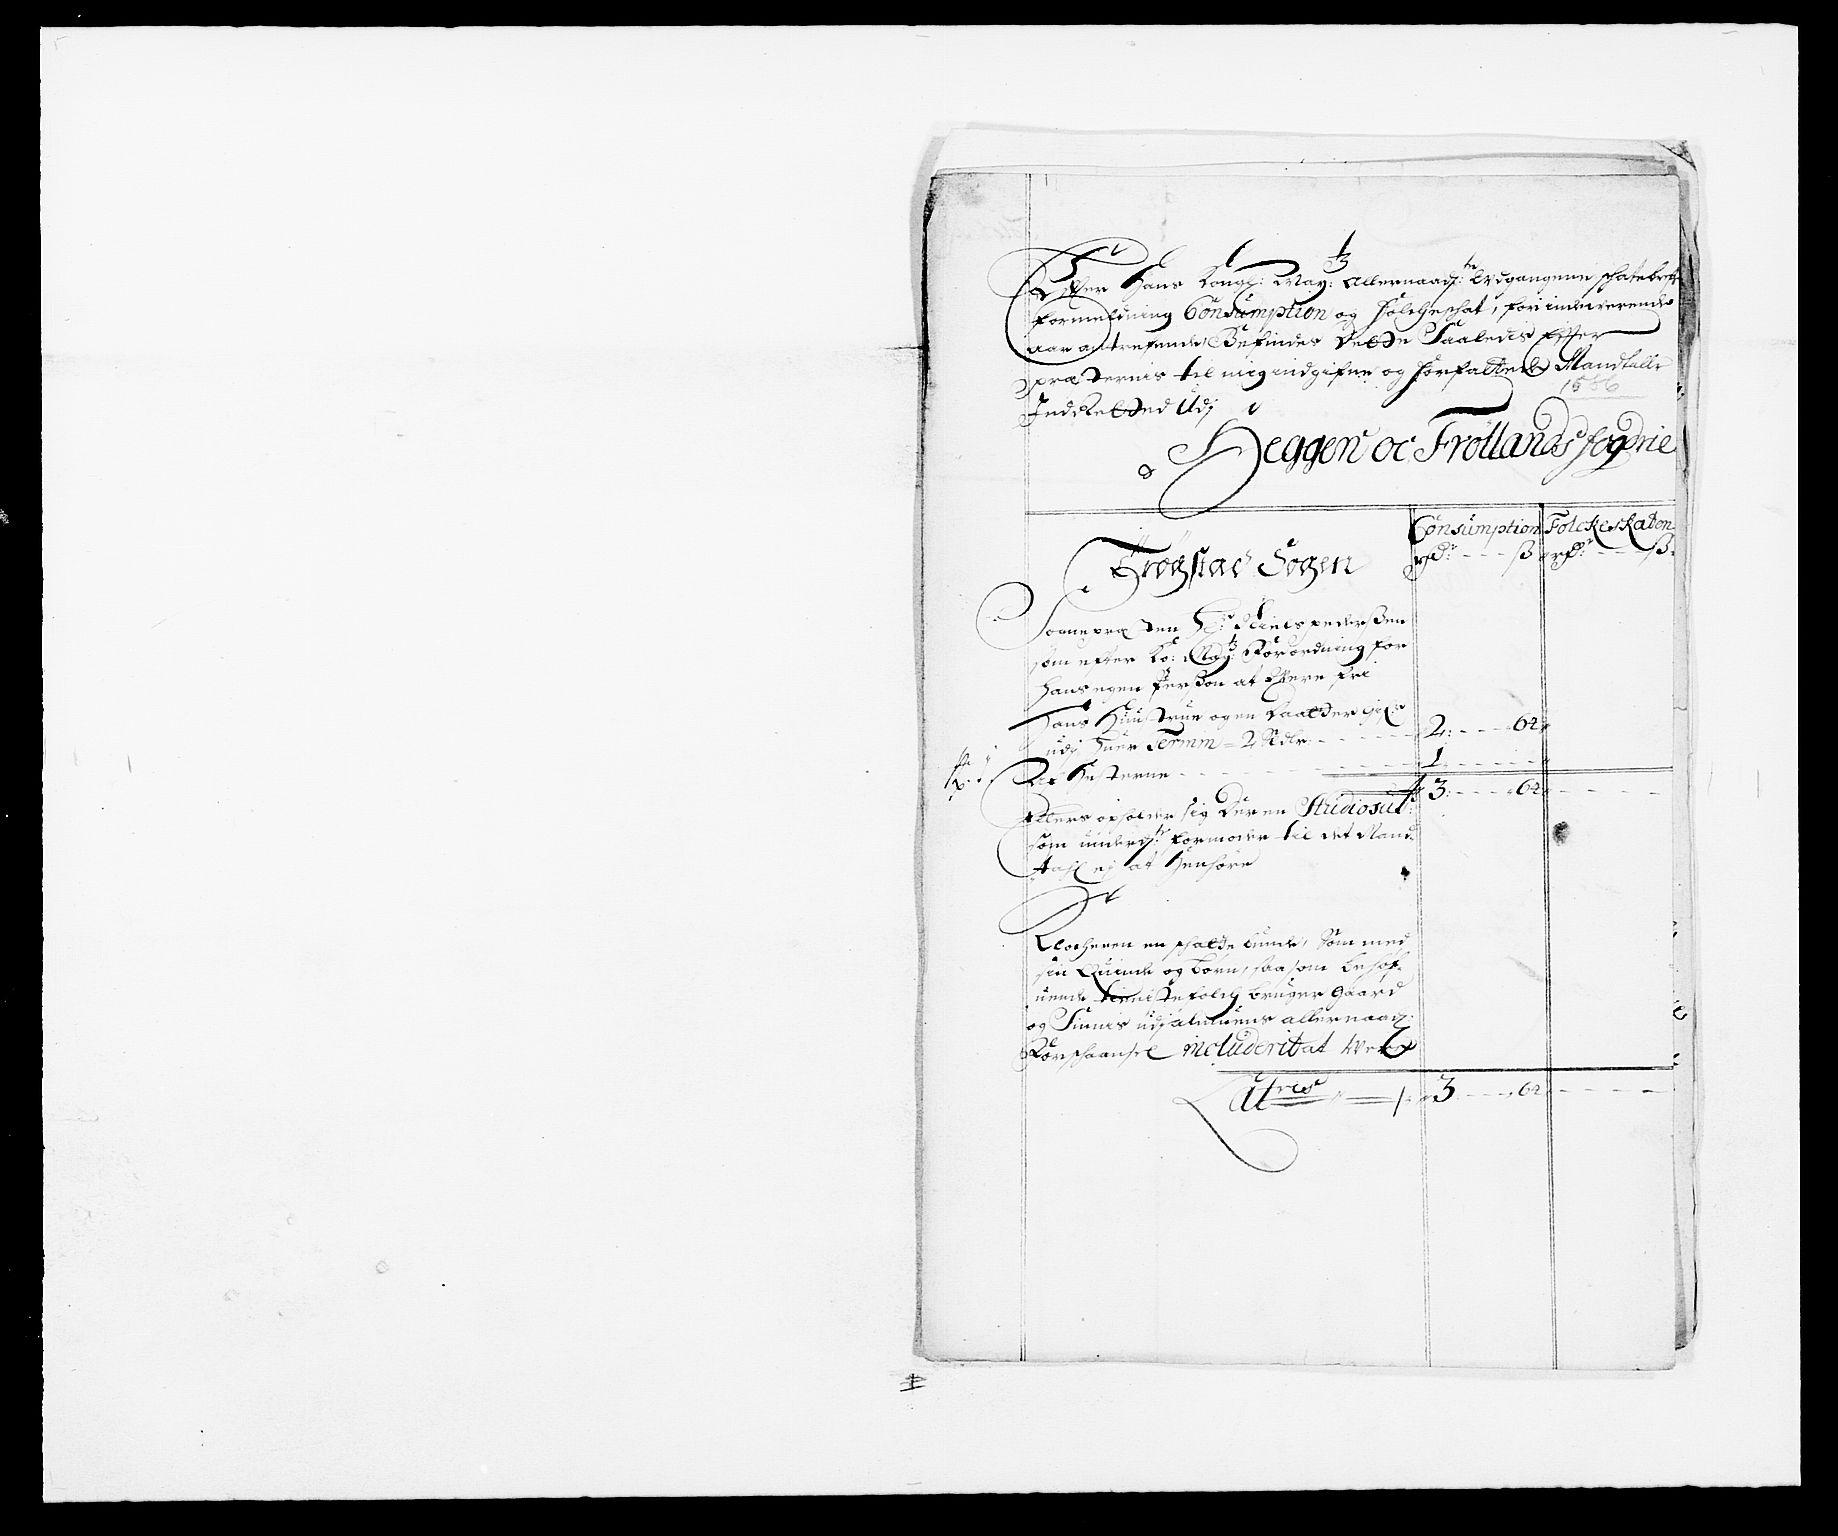 RA, Rentekammeret inntil 1814, Reviderte regnskaper, Fogderegnskap, R06/L0281: Fogderegnskap Heggen og Frøland, 1678-1686, s. 105